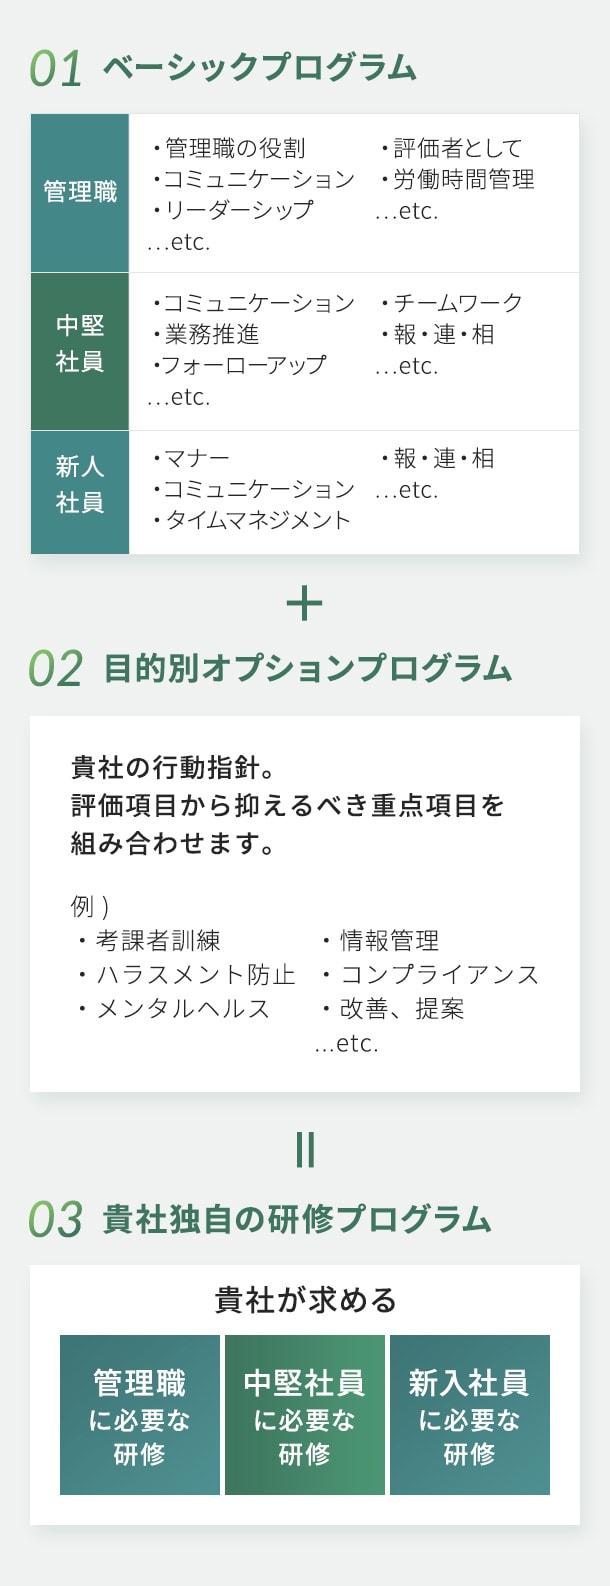 階層別研修プログラムイメージ